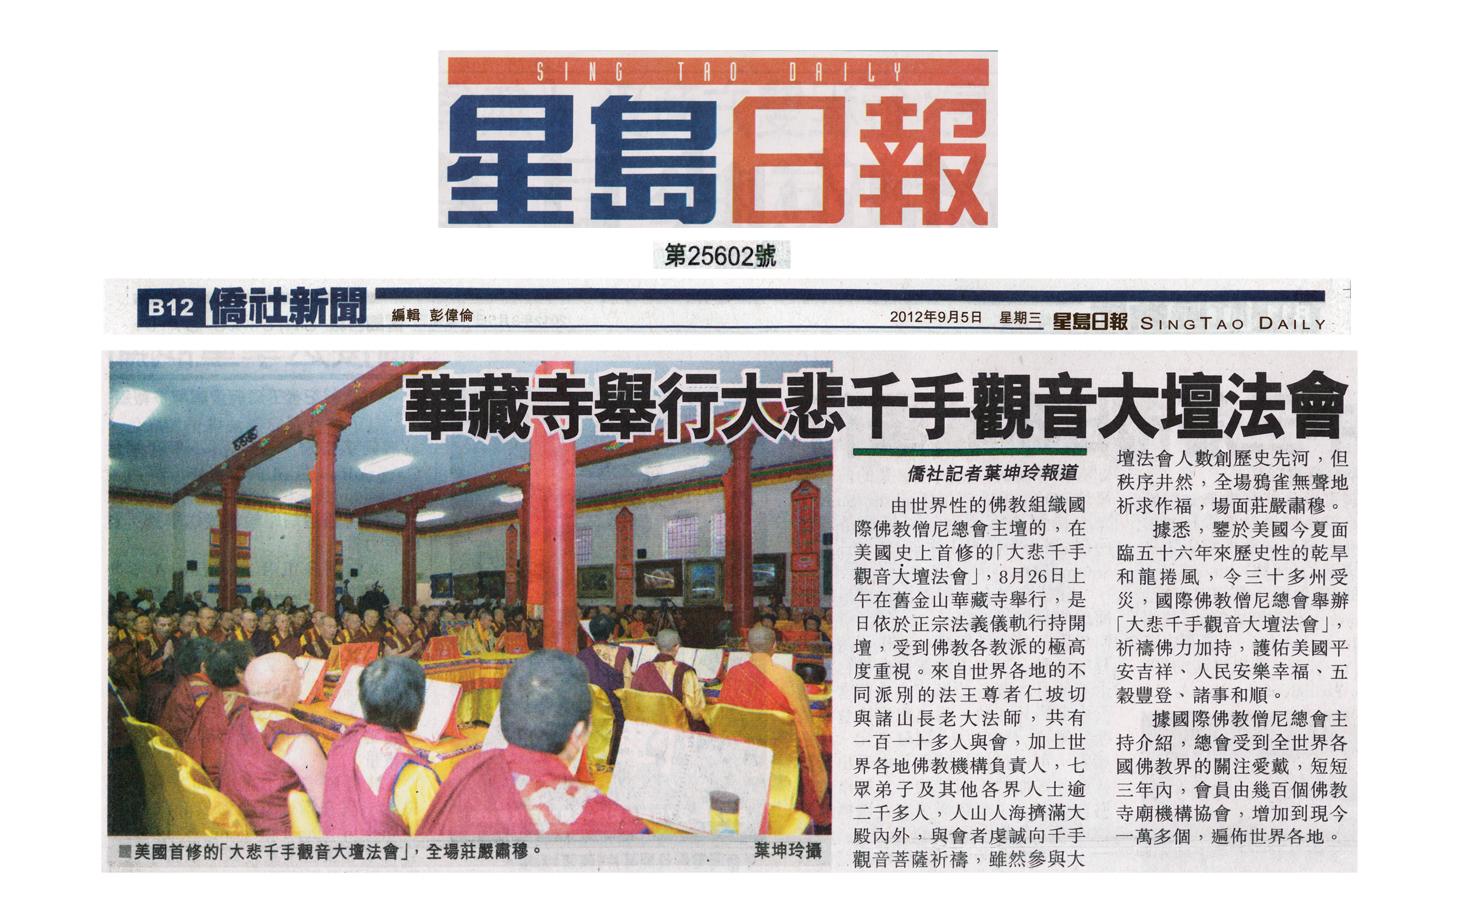 华藏寺举办千手观音大坛法会 天降甘露加持 第3张